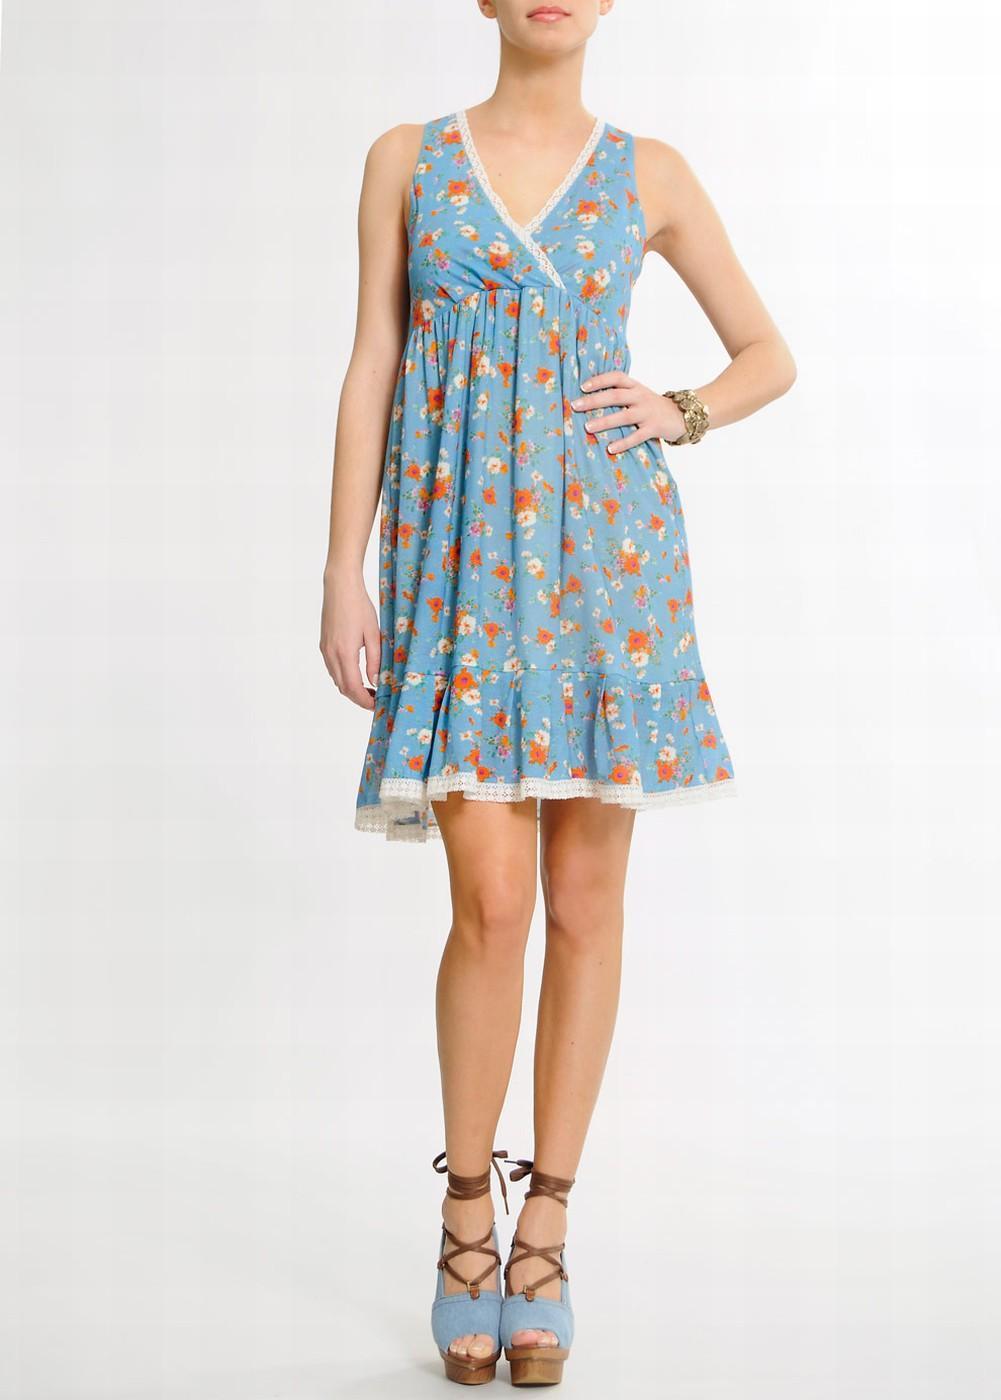 Sukienki Mango wiosna/lato 2010 - Zdjęcie 168